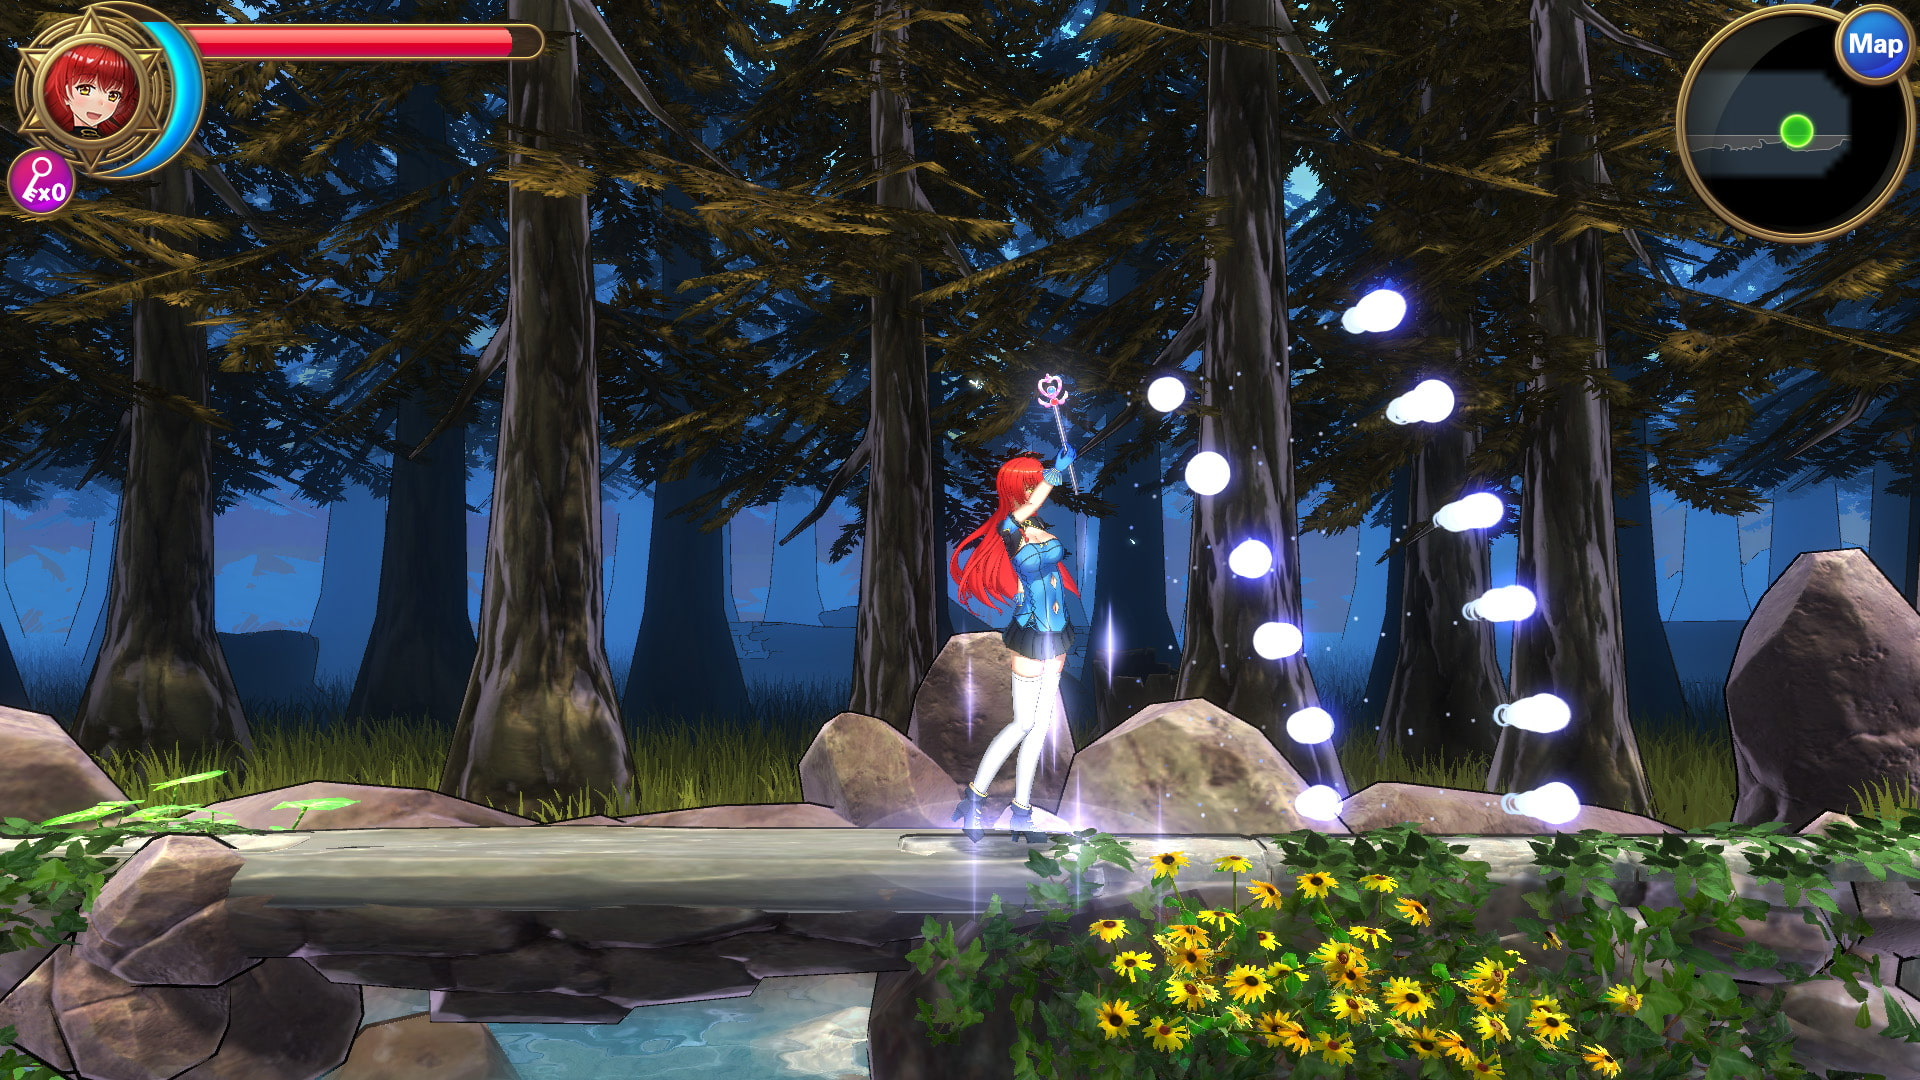 エロリンちゃんファイト (PurpleAir) DLsite提供:同人ゲーム – ロールプレイング